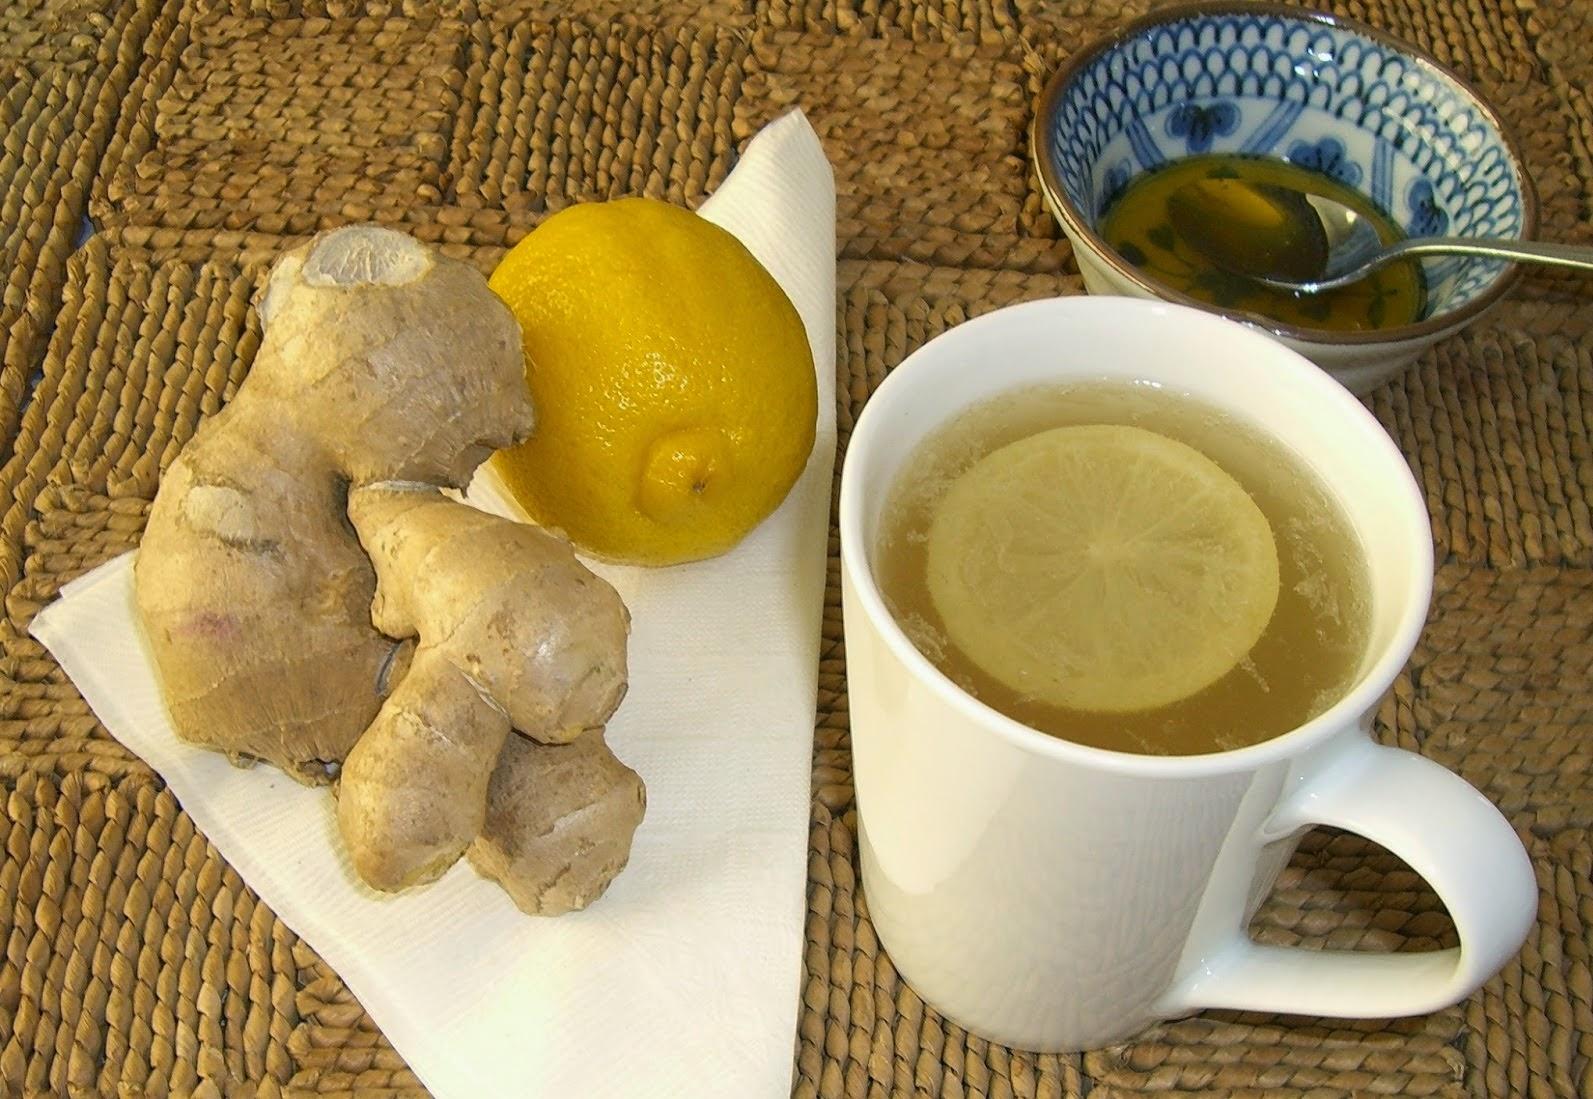 L'eau de gingembre et citron pour la perte de poids et l'élimination des graisses - L'eau de gingembre et citron pour la perte de poids et l'élimination des graisses